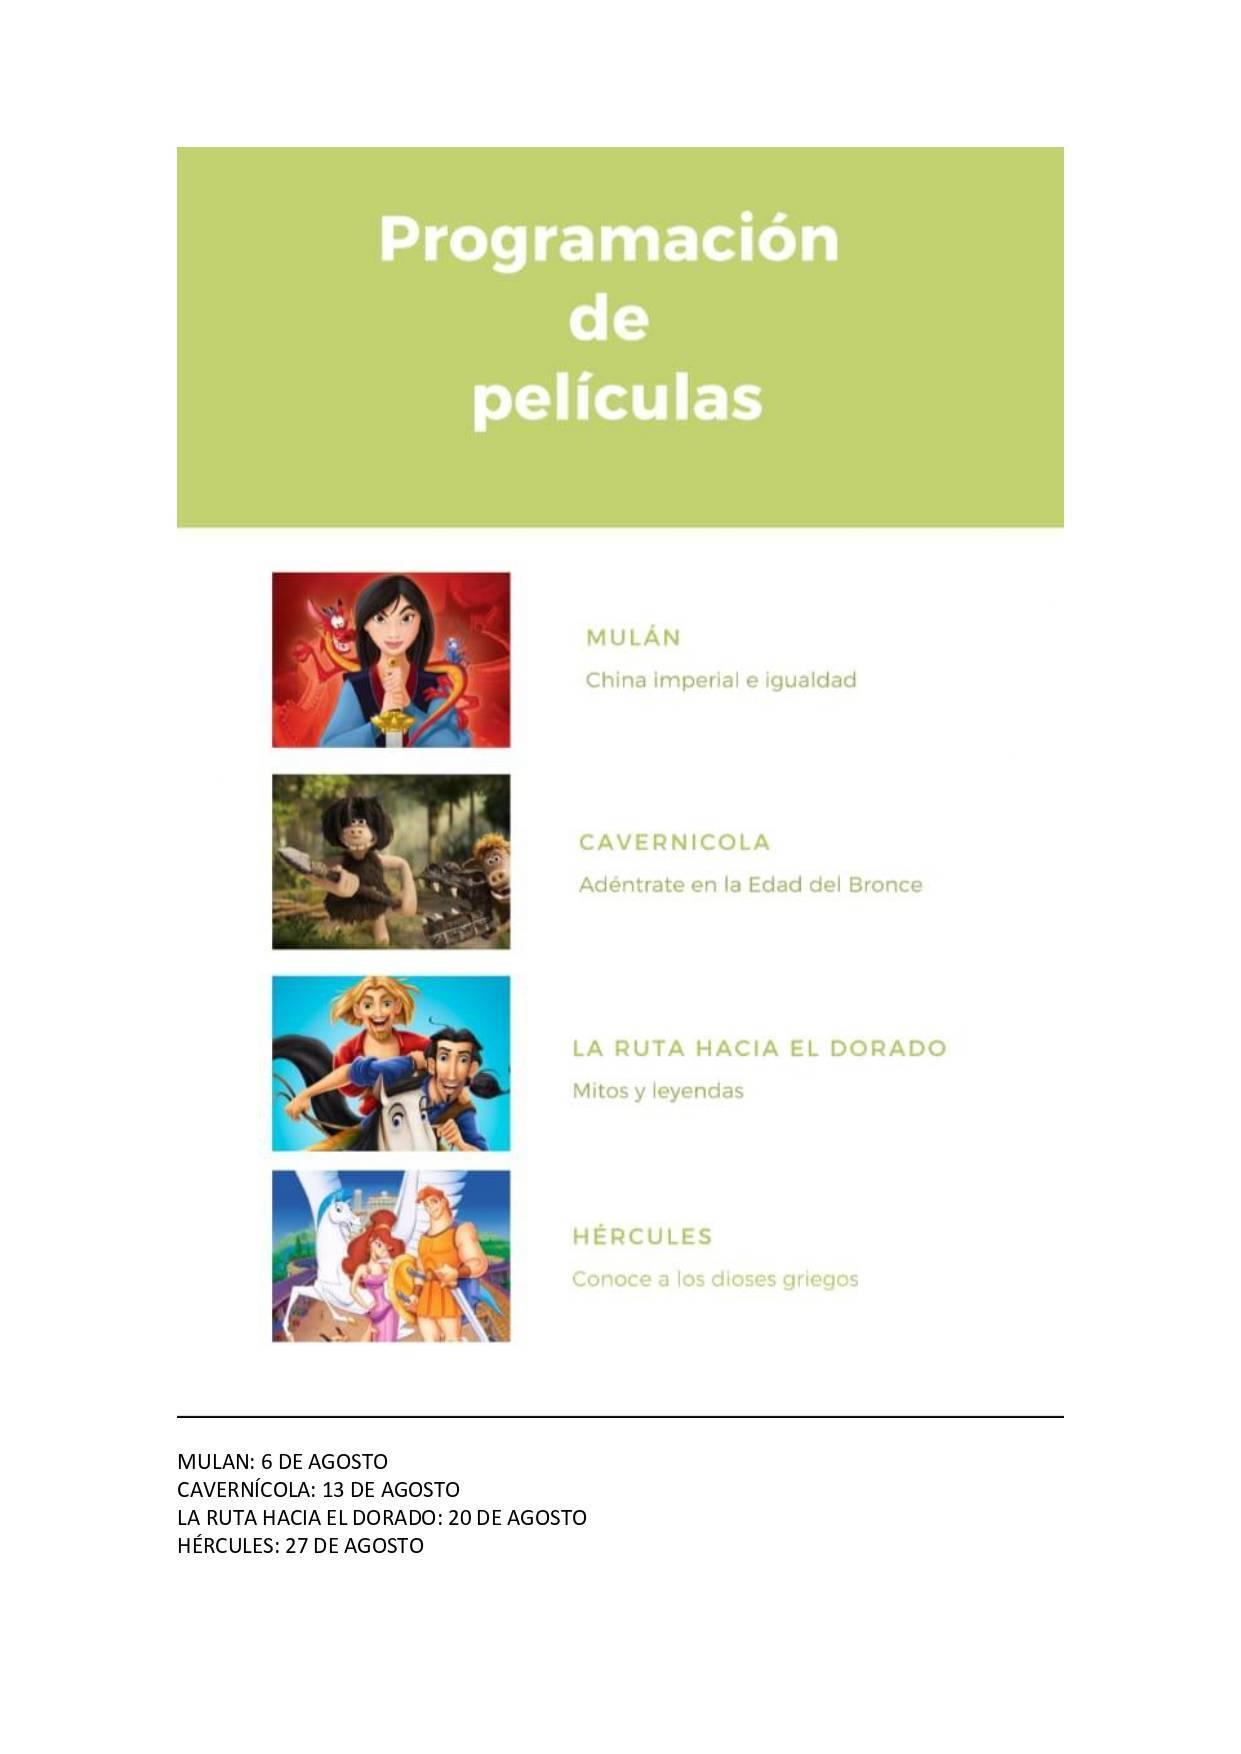 Cine de verano 2020 - Jerez de la Frontera (Cádiz) 3